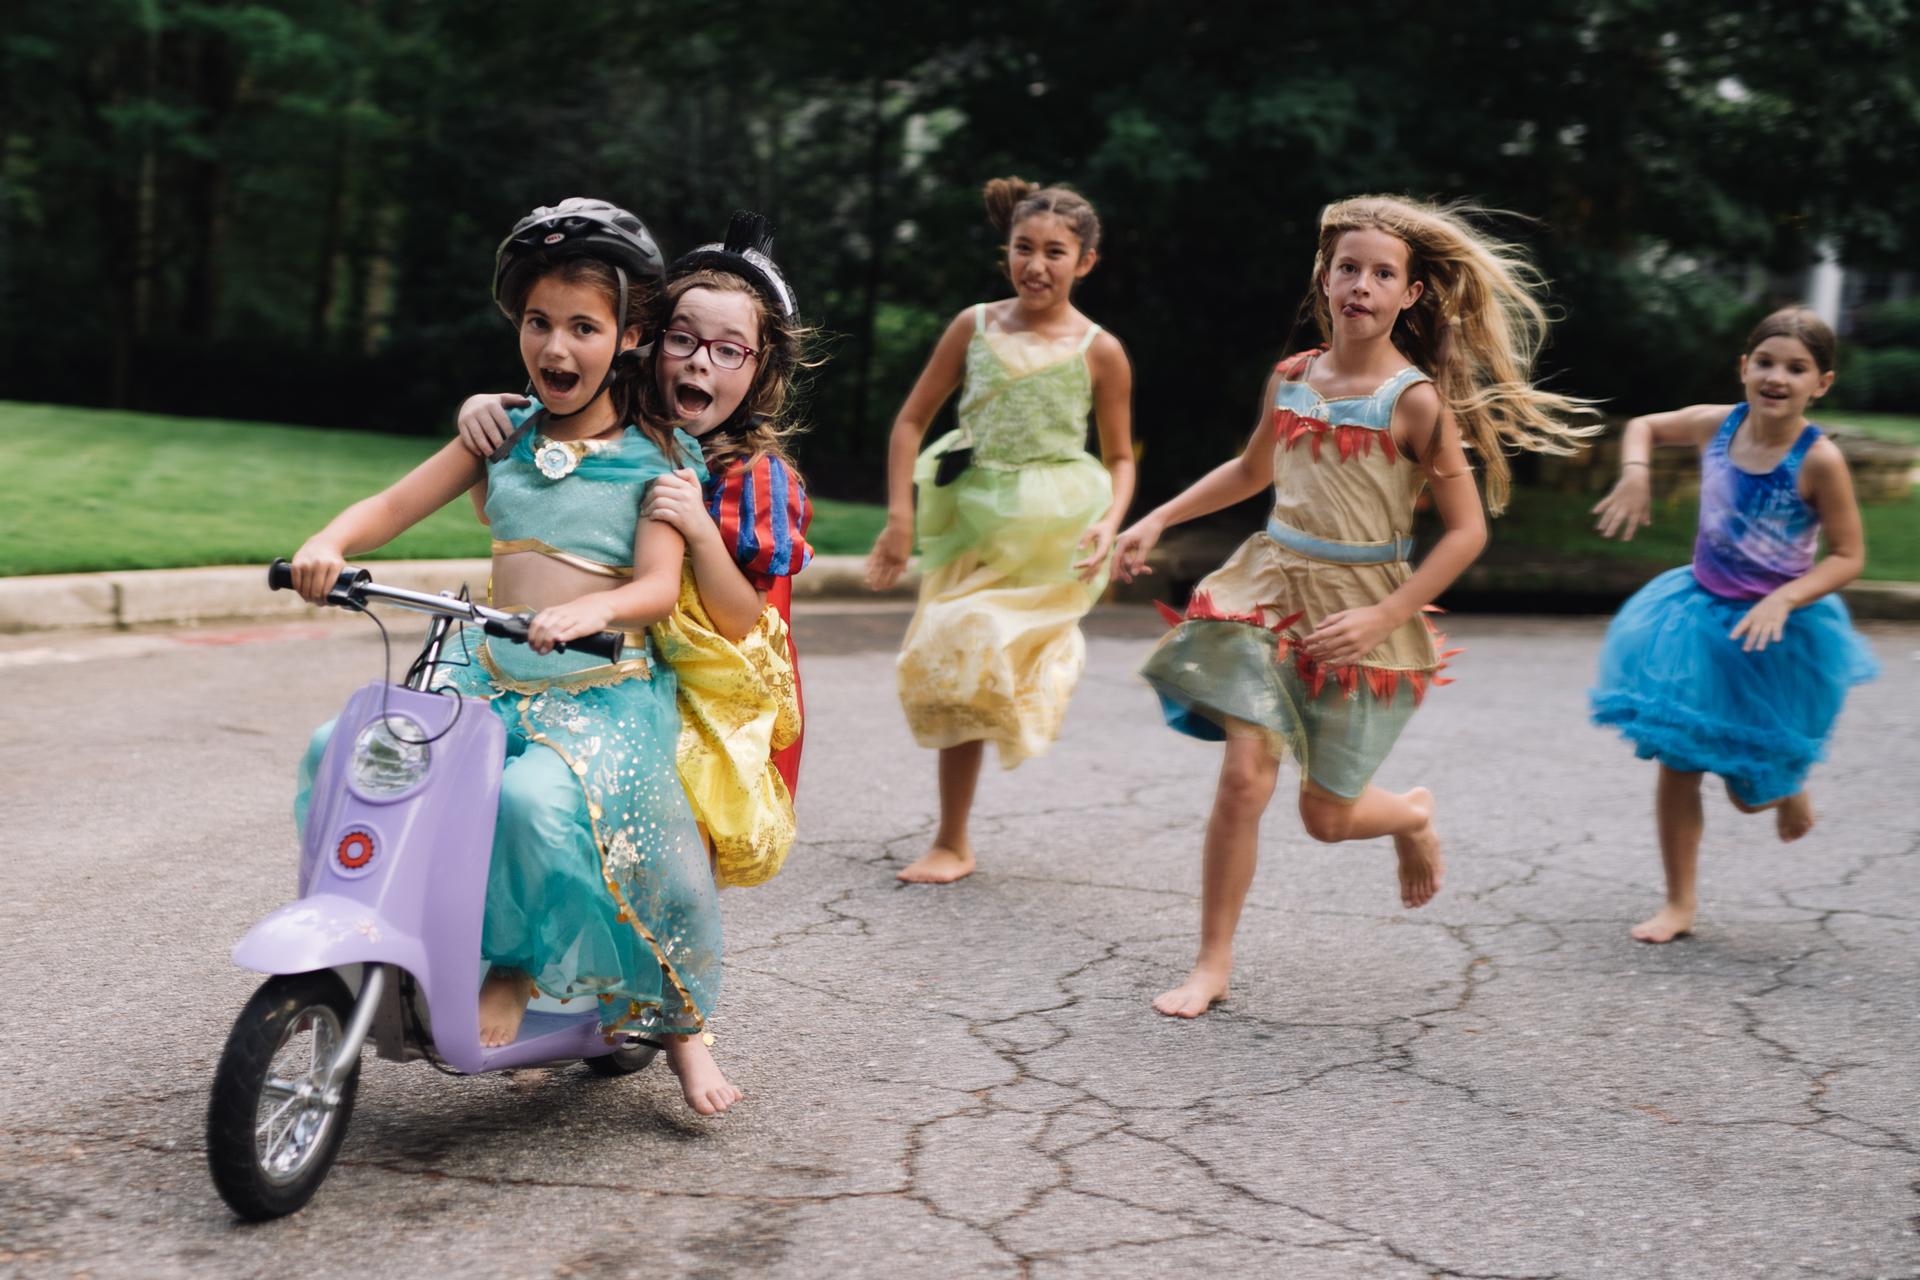 """""""La idea de que todas las historias -ya sean de la vida real o de ficción, como es el caso de Rapunzel o Bella- pueden inspirar a las niñas a perseguir sus sueños es el corazón de nuestra campaña Soy Princesa Siendo Yo"""", dijo Jimmy Pitaro, Chairman en Disney Consumer Products and Interactive Media de The Walt Disney Company. """"Es por eso que le pedimos a algunas de las más reconocidas fotógrafas que nos ayuden a encontrar y retratar historias de mujeres y niñas inspiradoras a lo largo y a lo ancho de nuestro planeta; los resultados son increíbles"""". (Kate Parker)"""